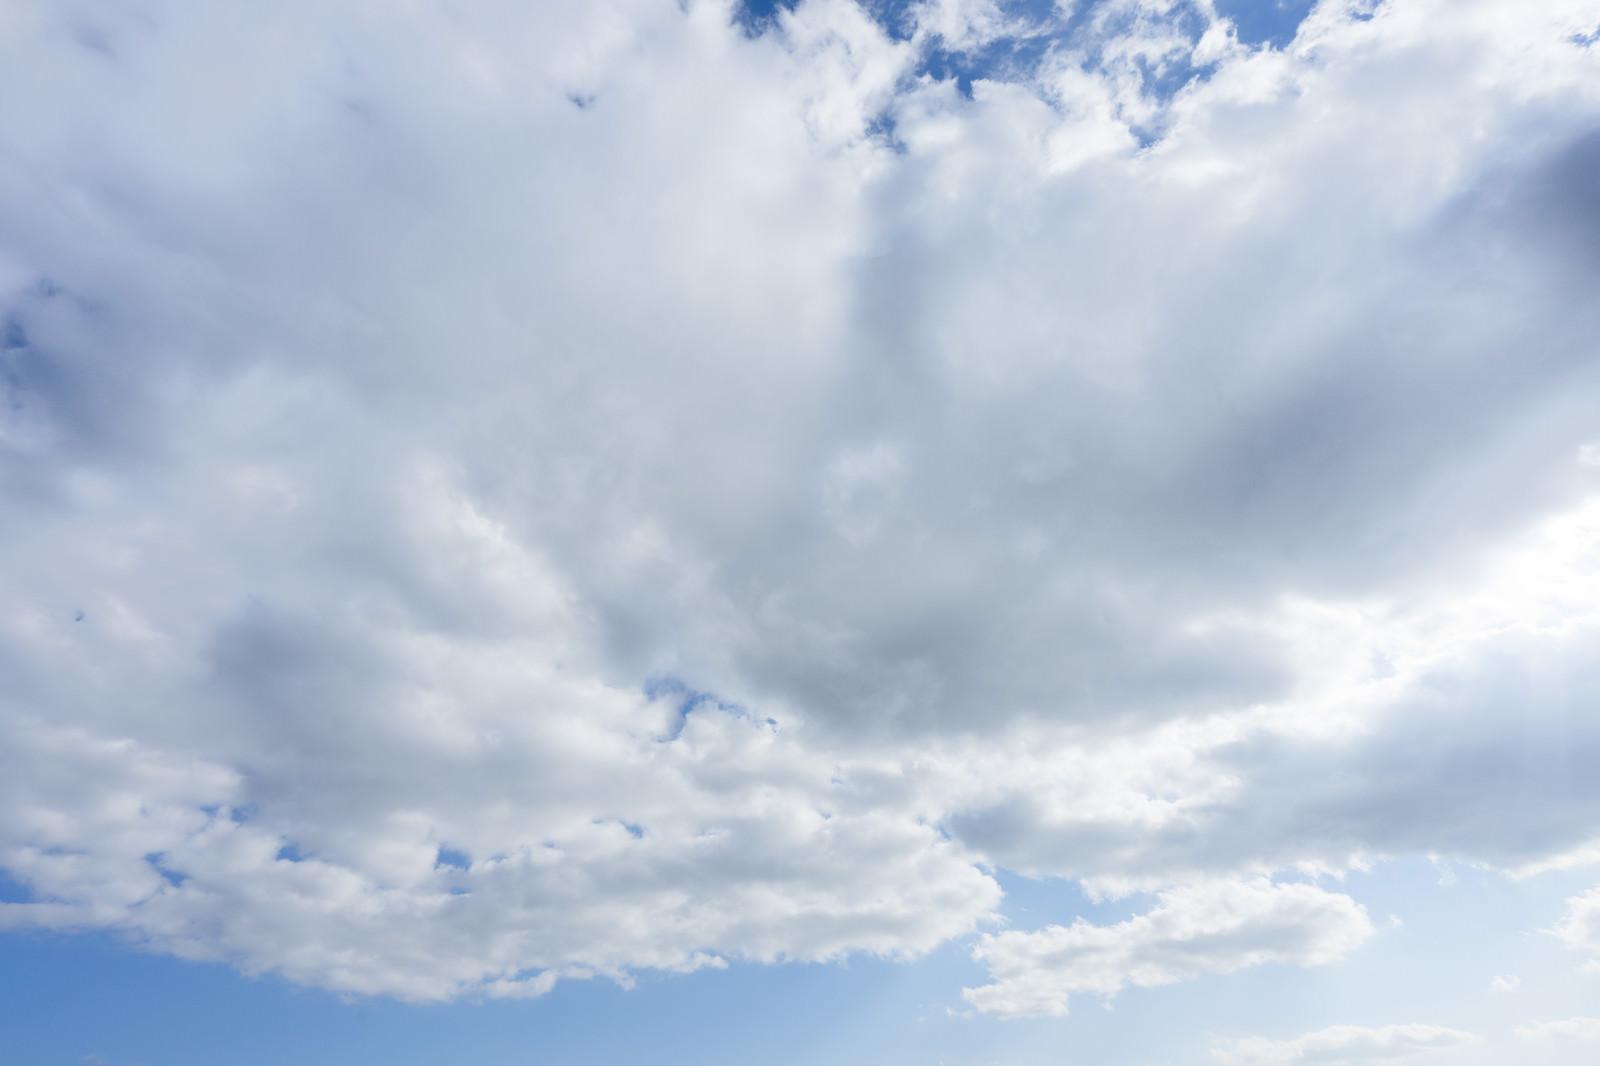 「晴れから、雲が多くなってきた」の写真